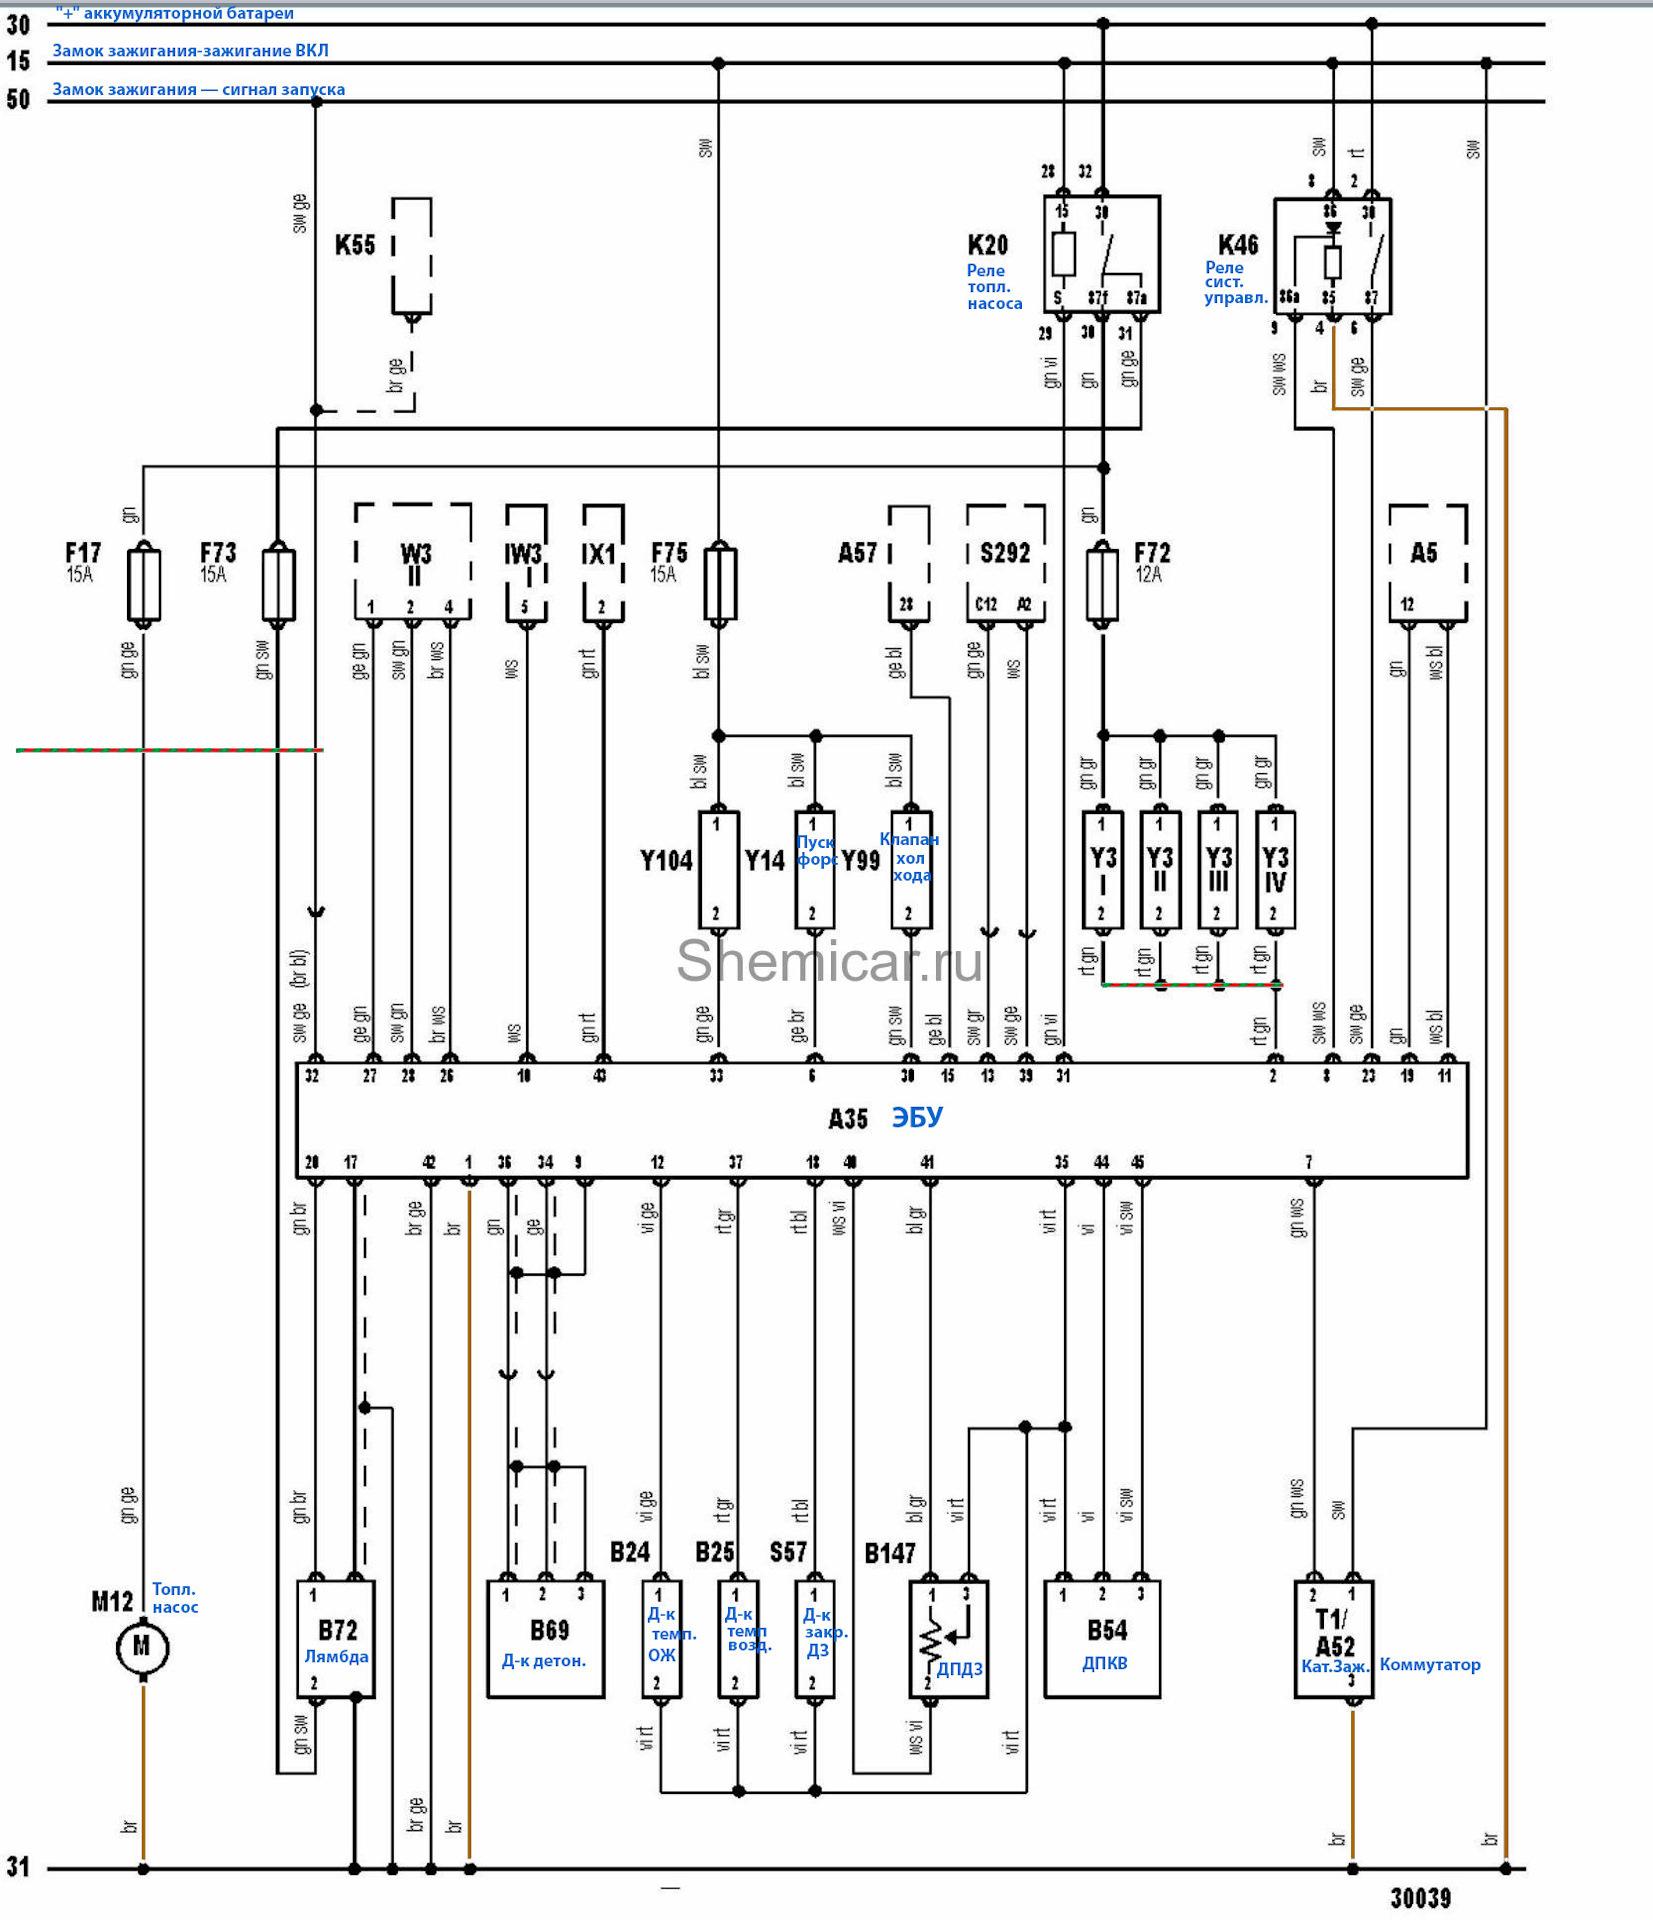 Reznor Garage Heater Wiring Diagram | Wiring Liry on